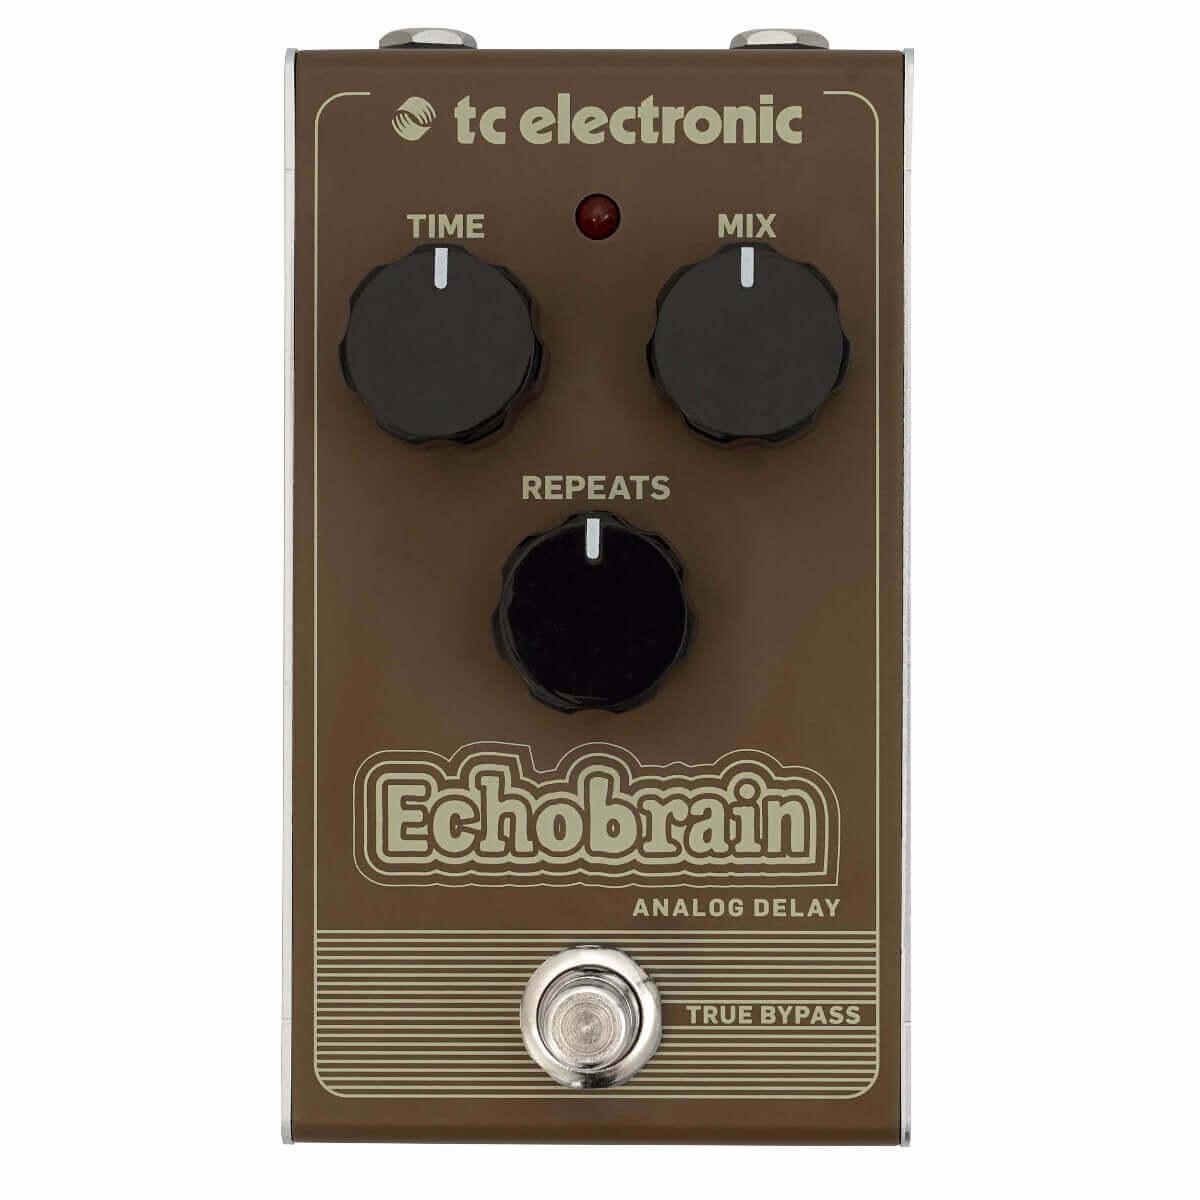 Billede af TC Electronic Echobrain Analog Delay guitar-effekt-pedal